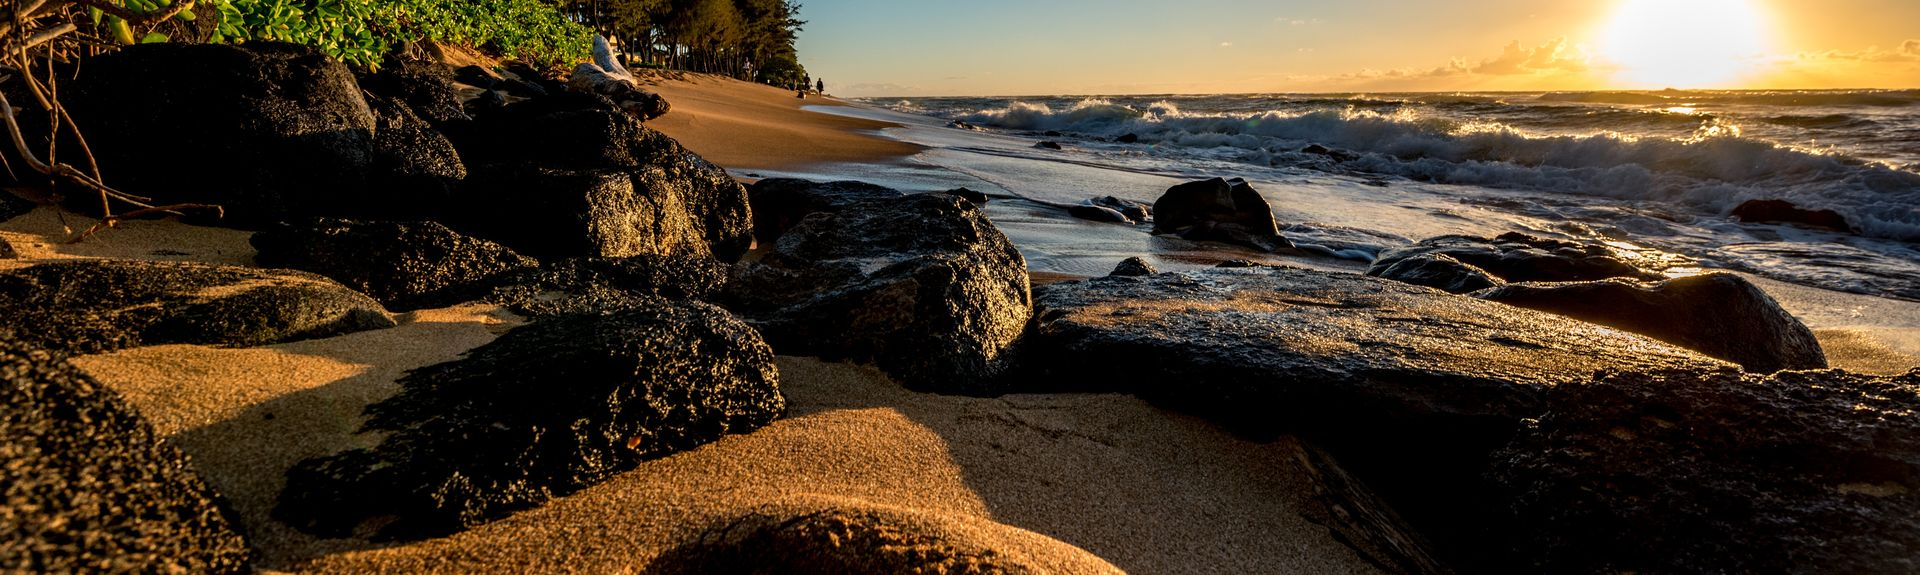 Kauai, HI, USA